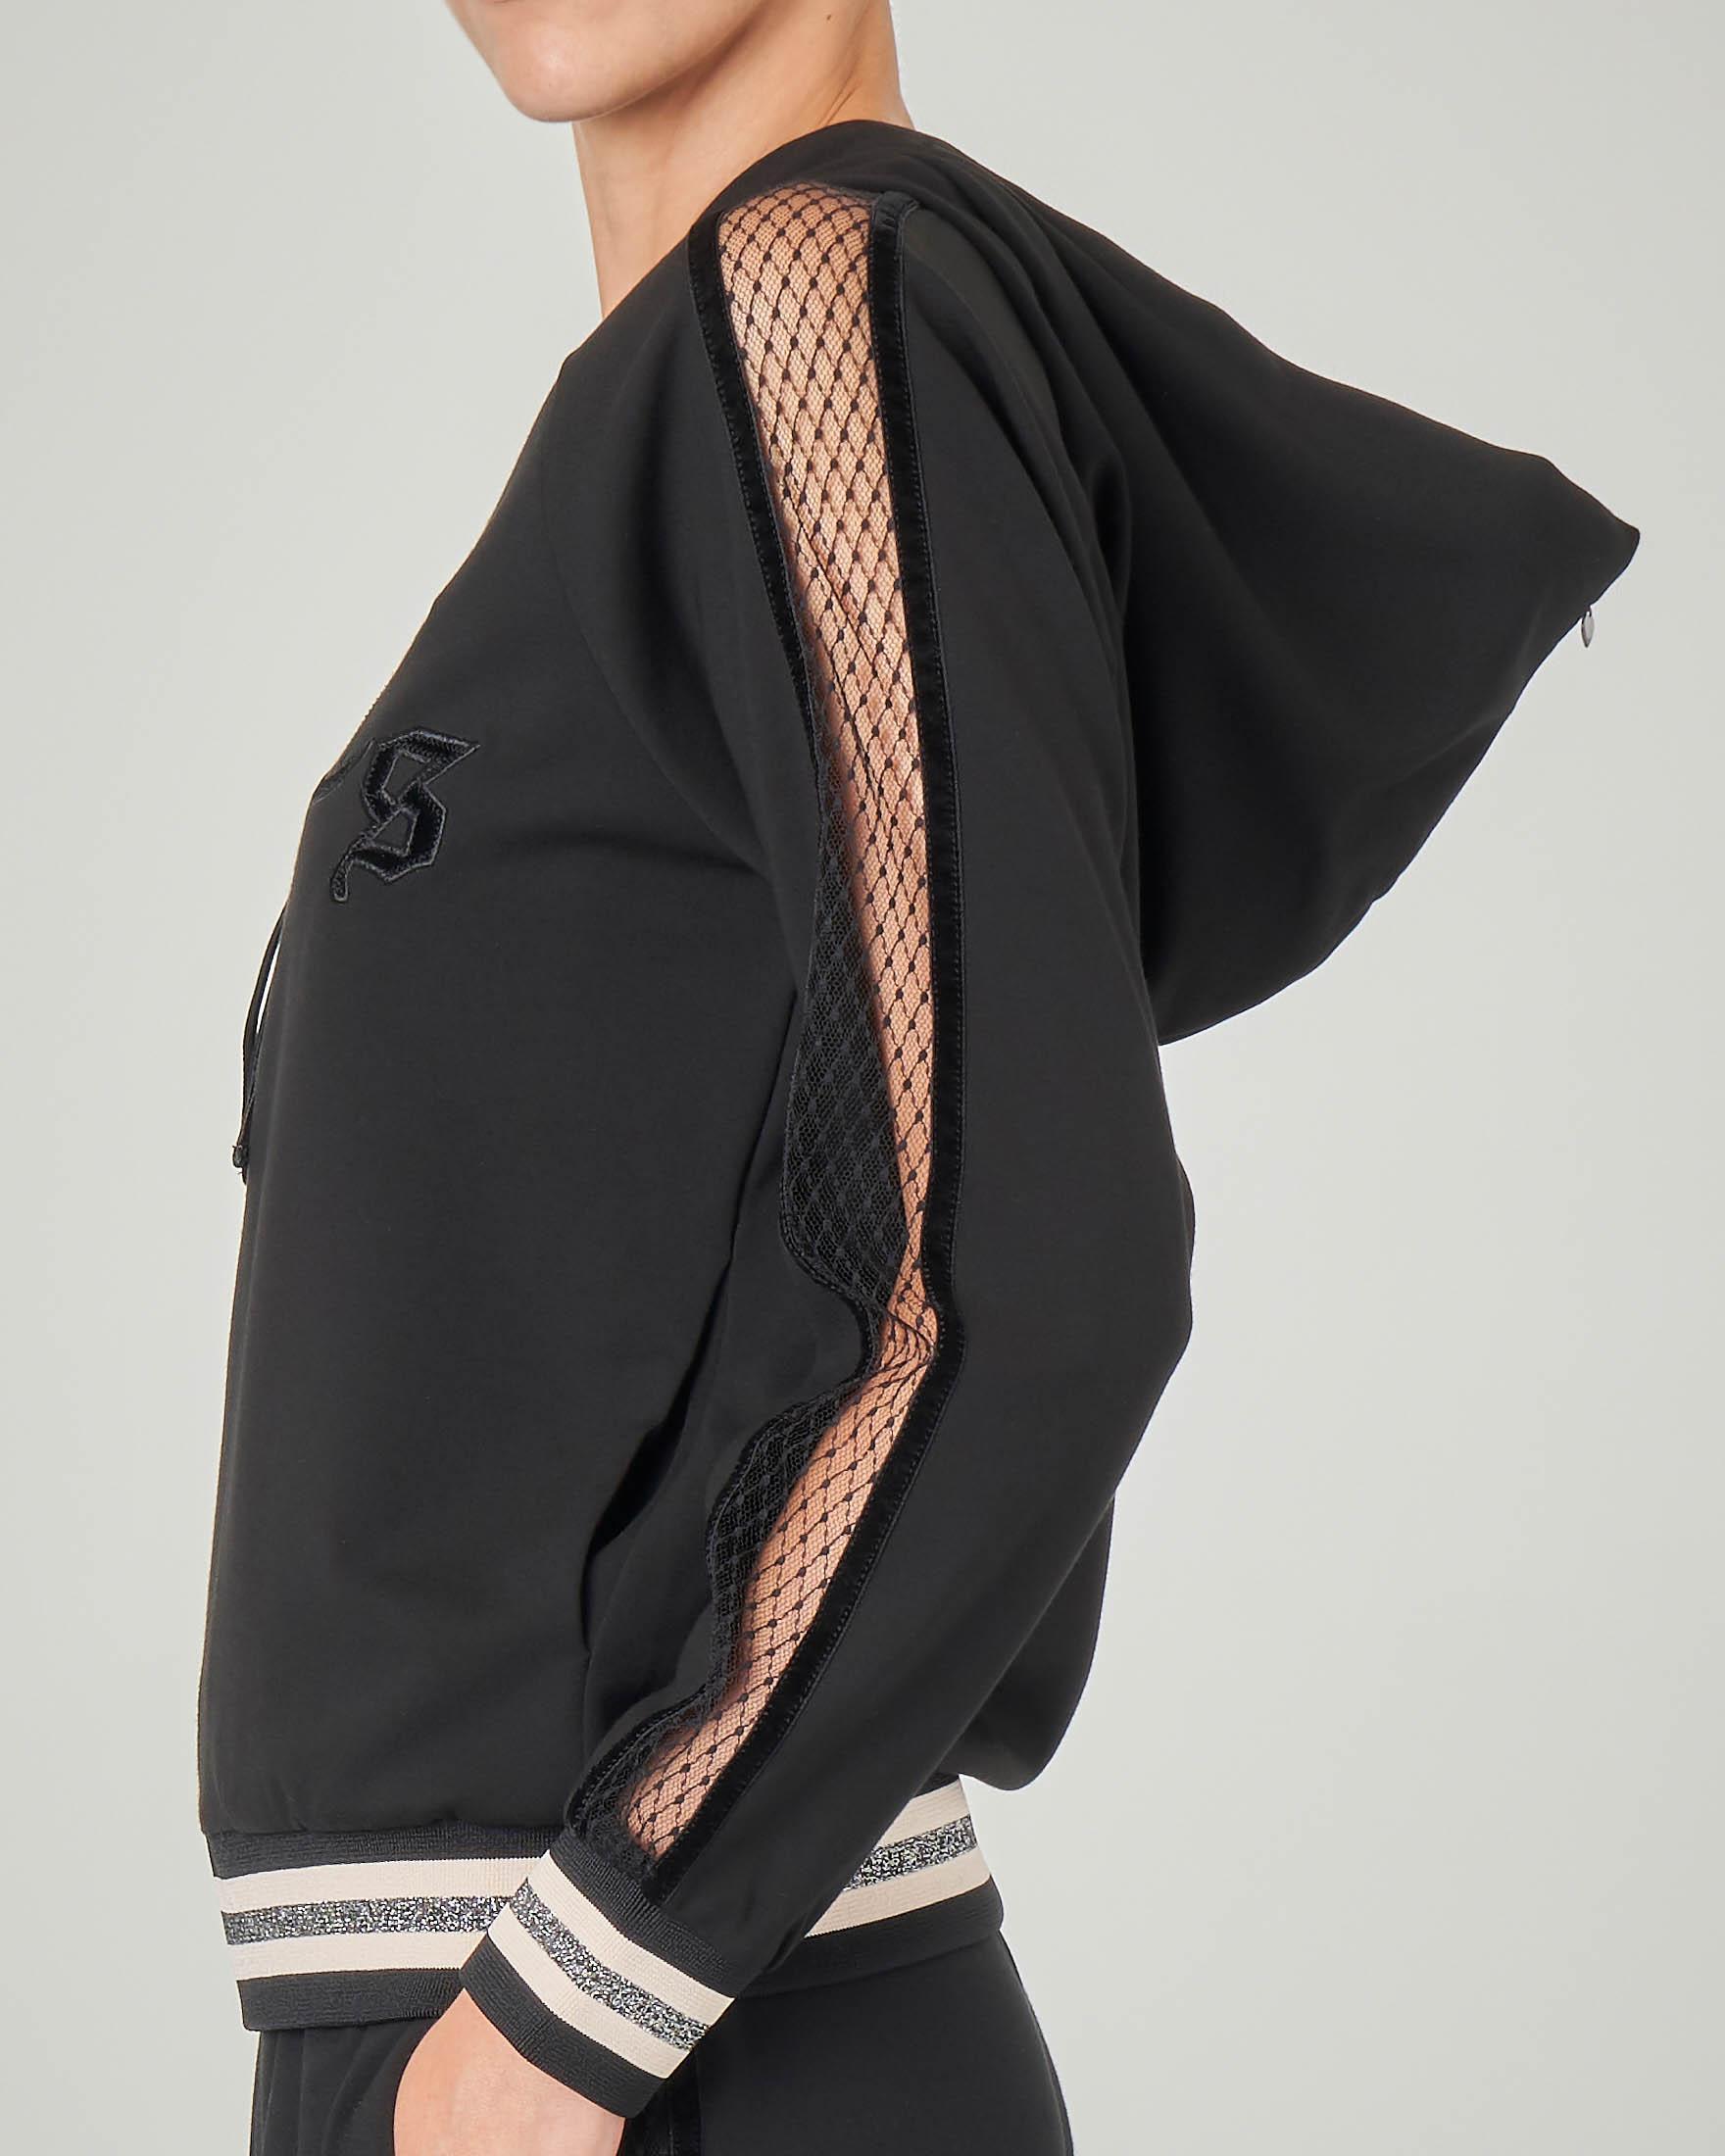 Felpa nera in misco viscosa con capuccio e profilo in rete sulle braccia